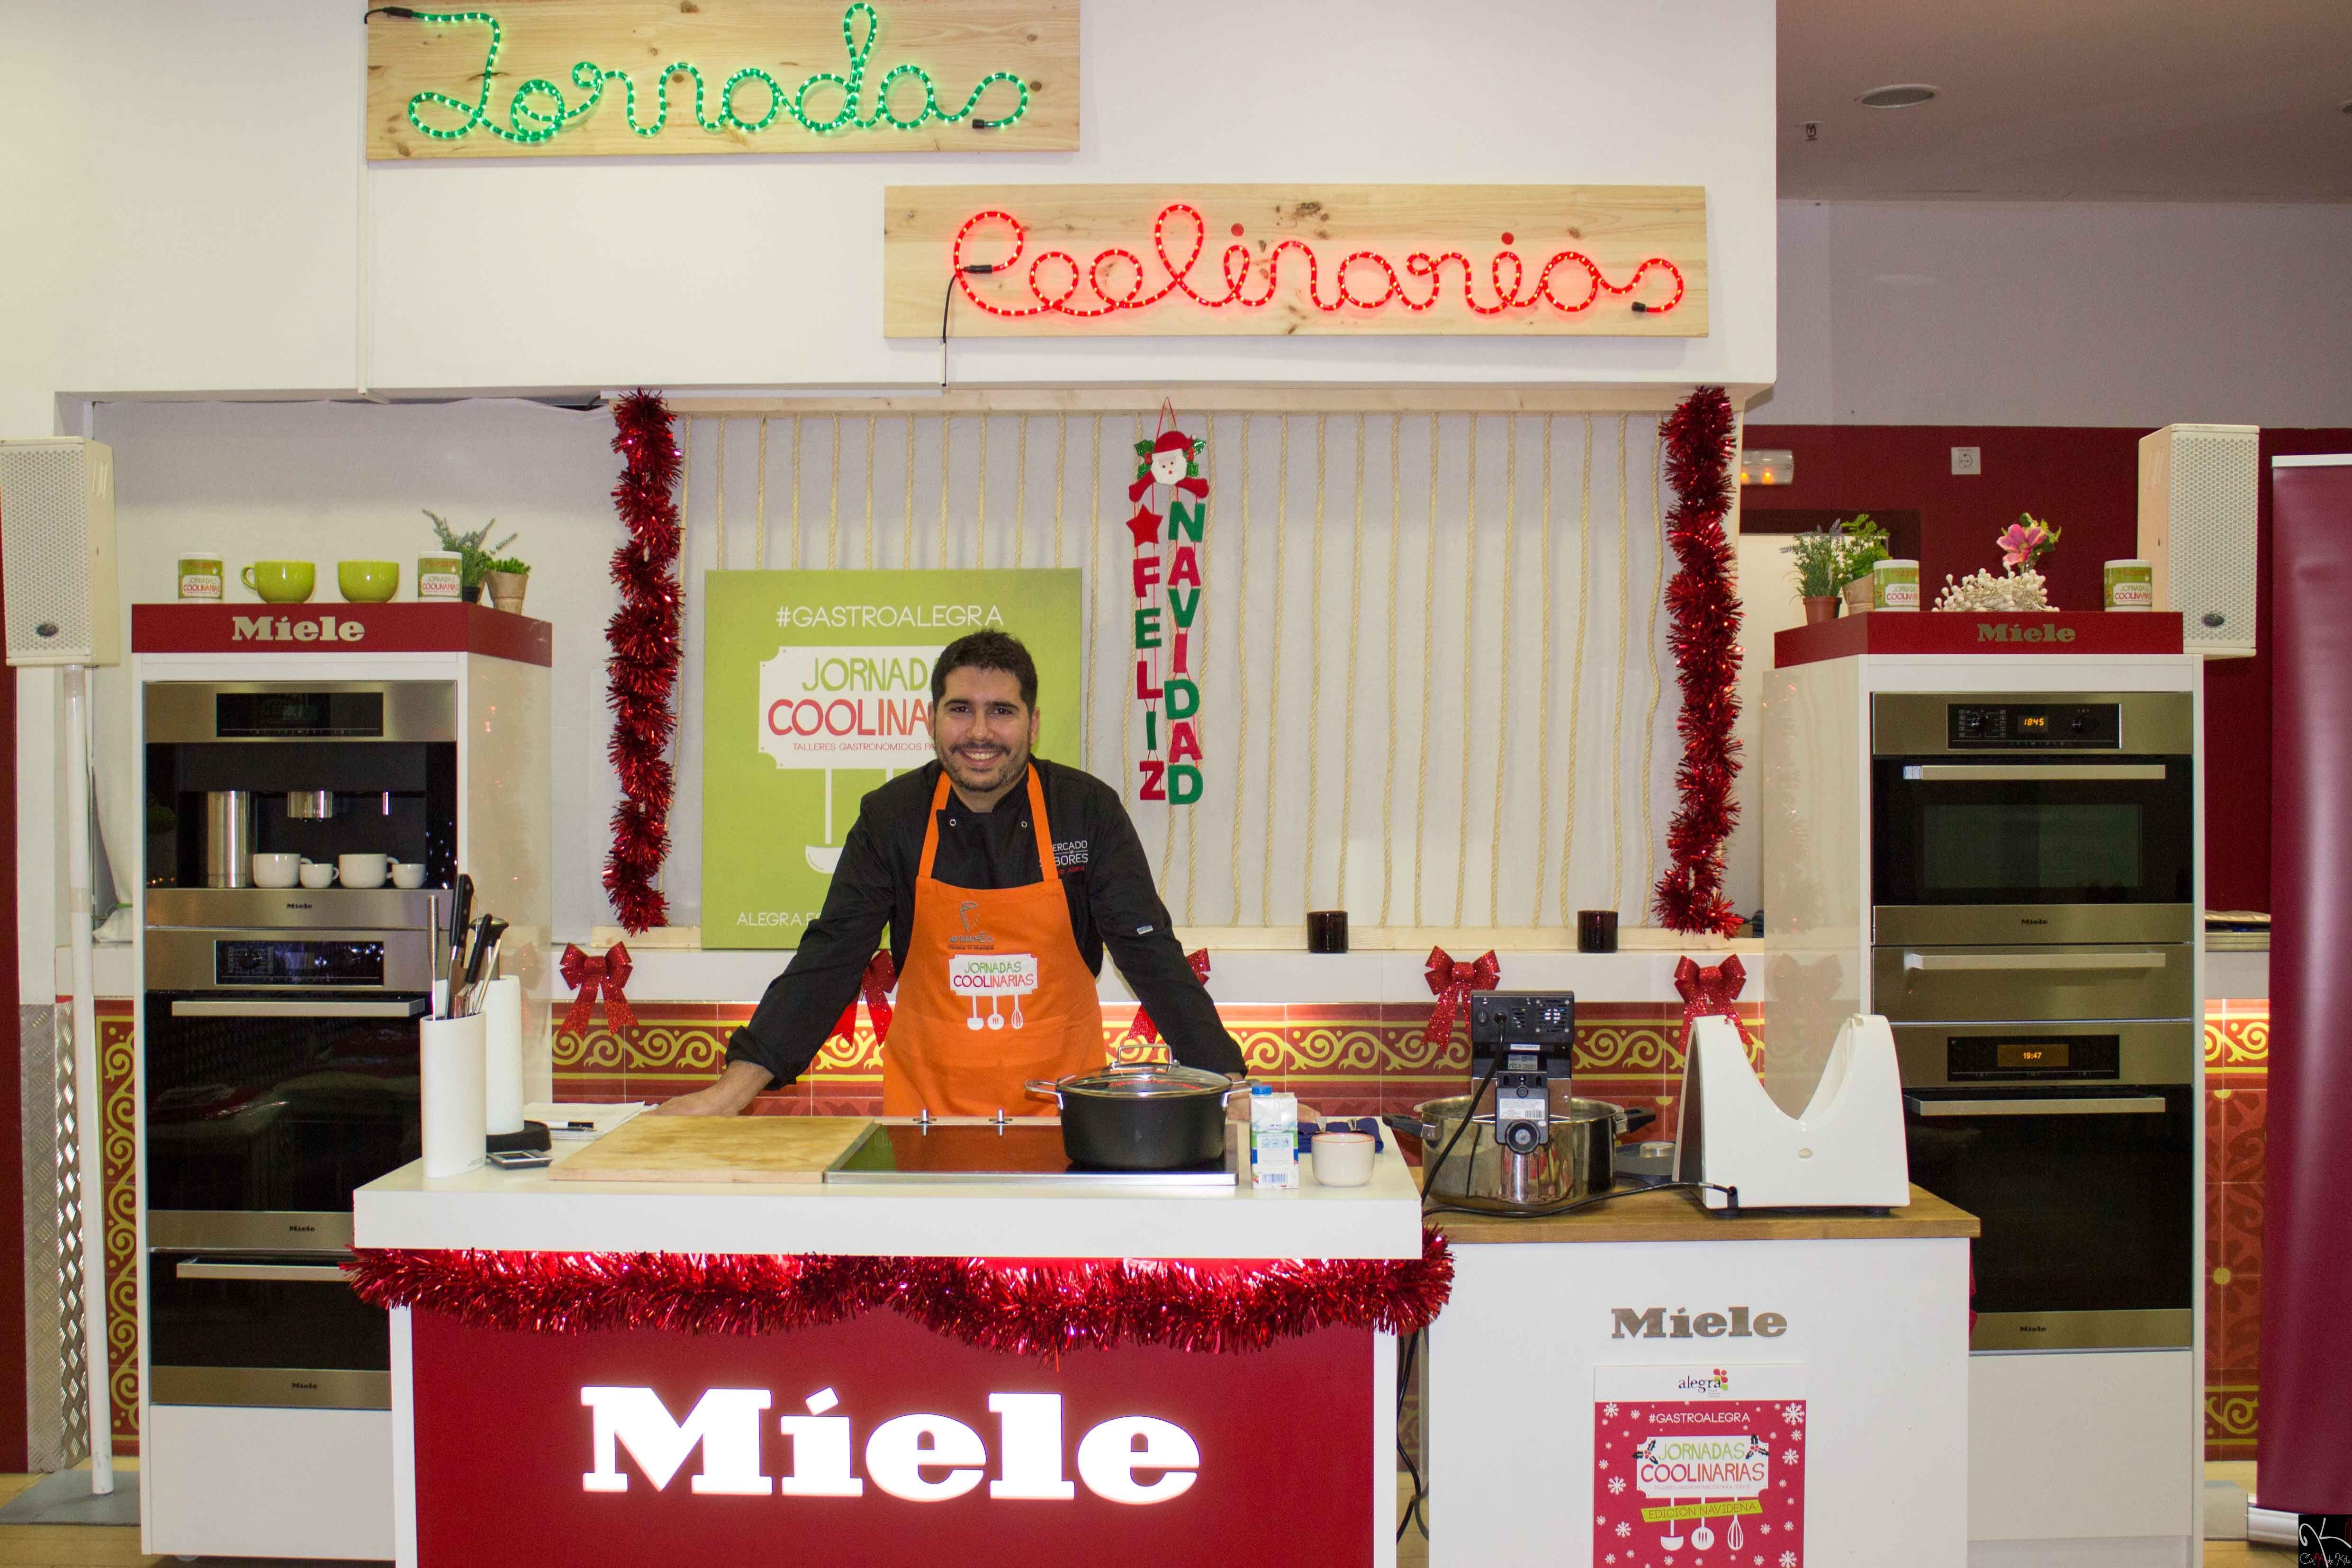 Cocina temporada conkdekilo for Cocina de jose fernandez